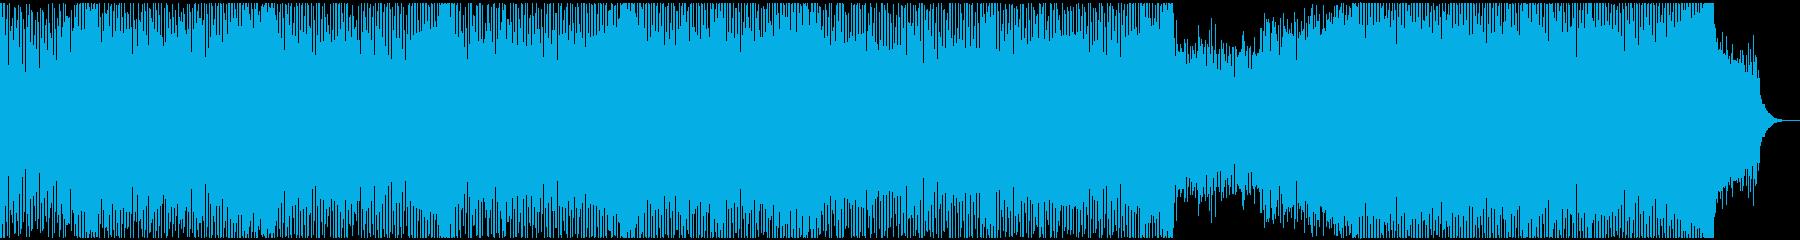 【EDM】疾走感のあるトランス系テクノの再生済みの波形